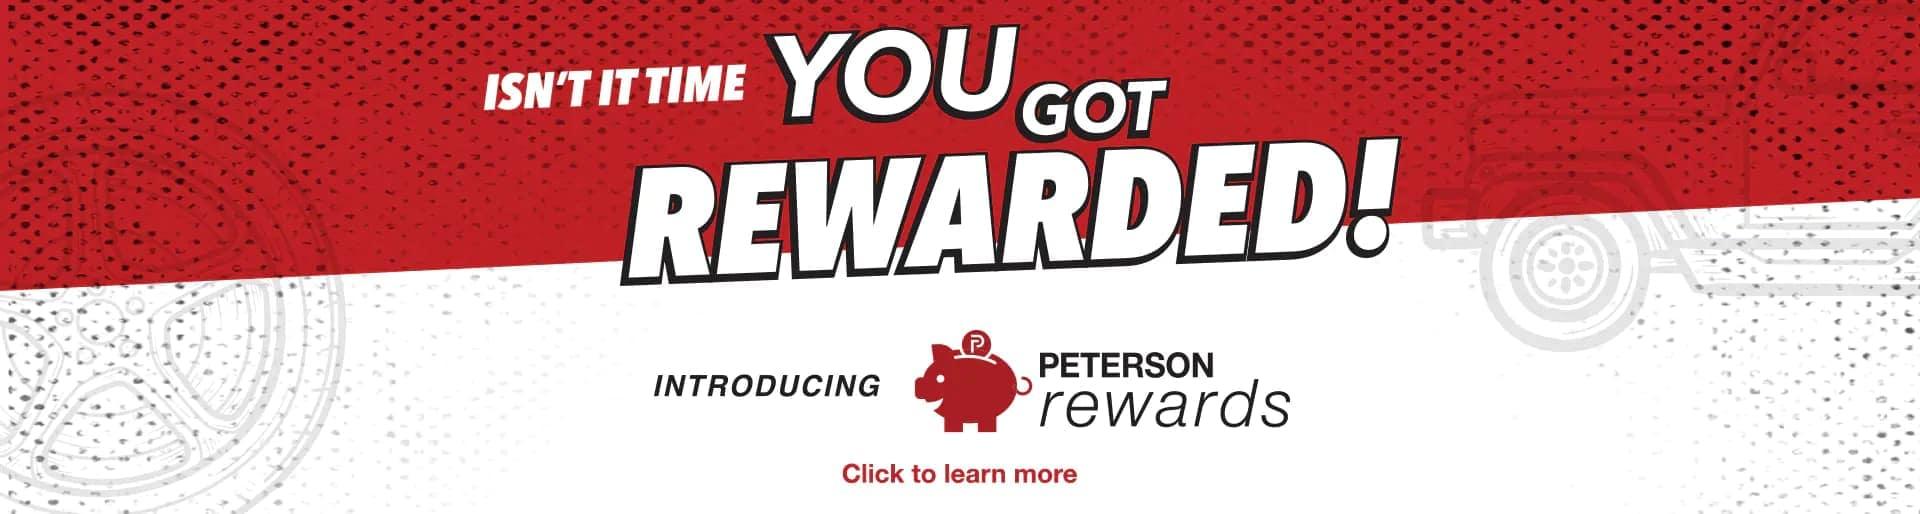 Peterson Rewards Banner